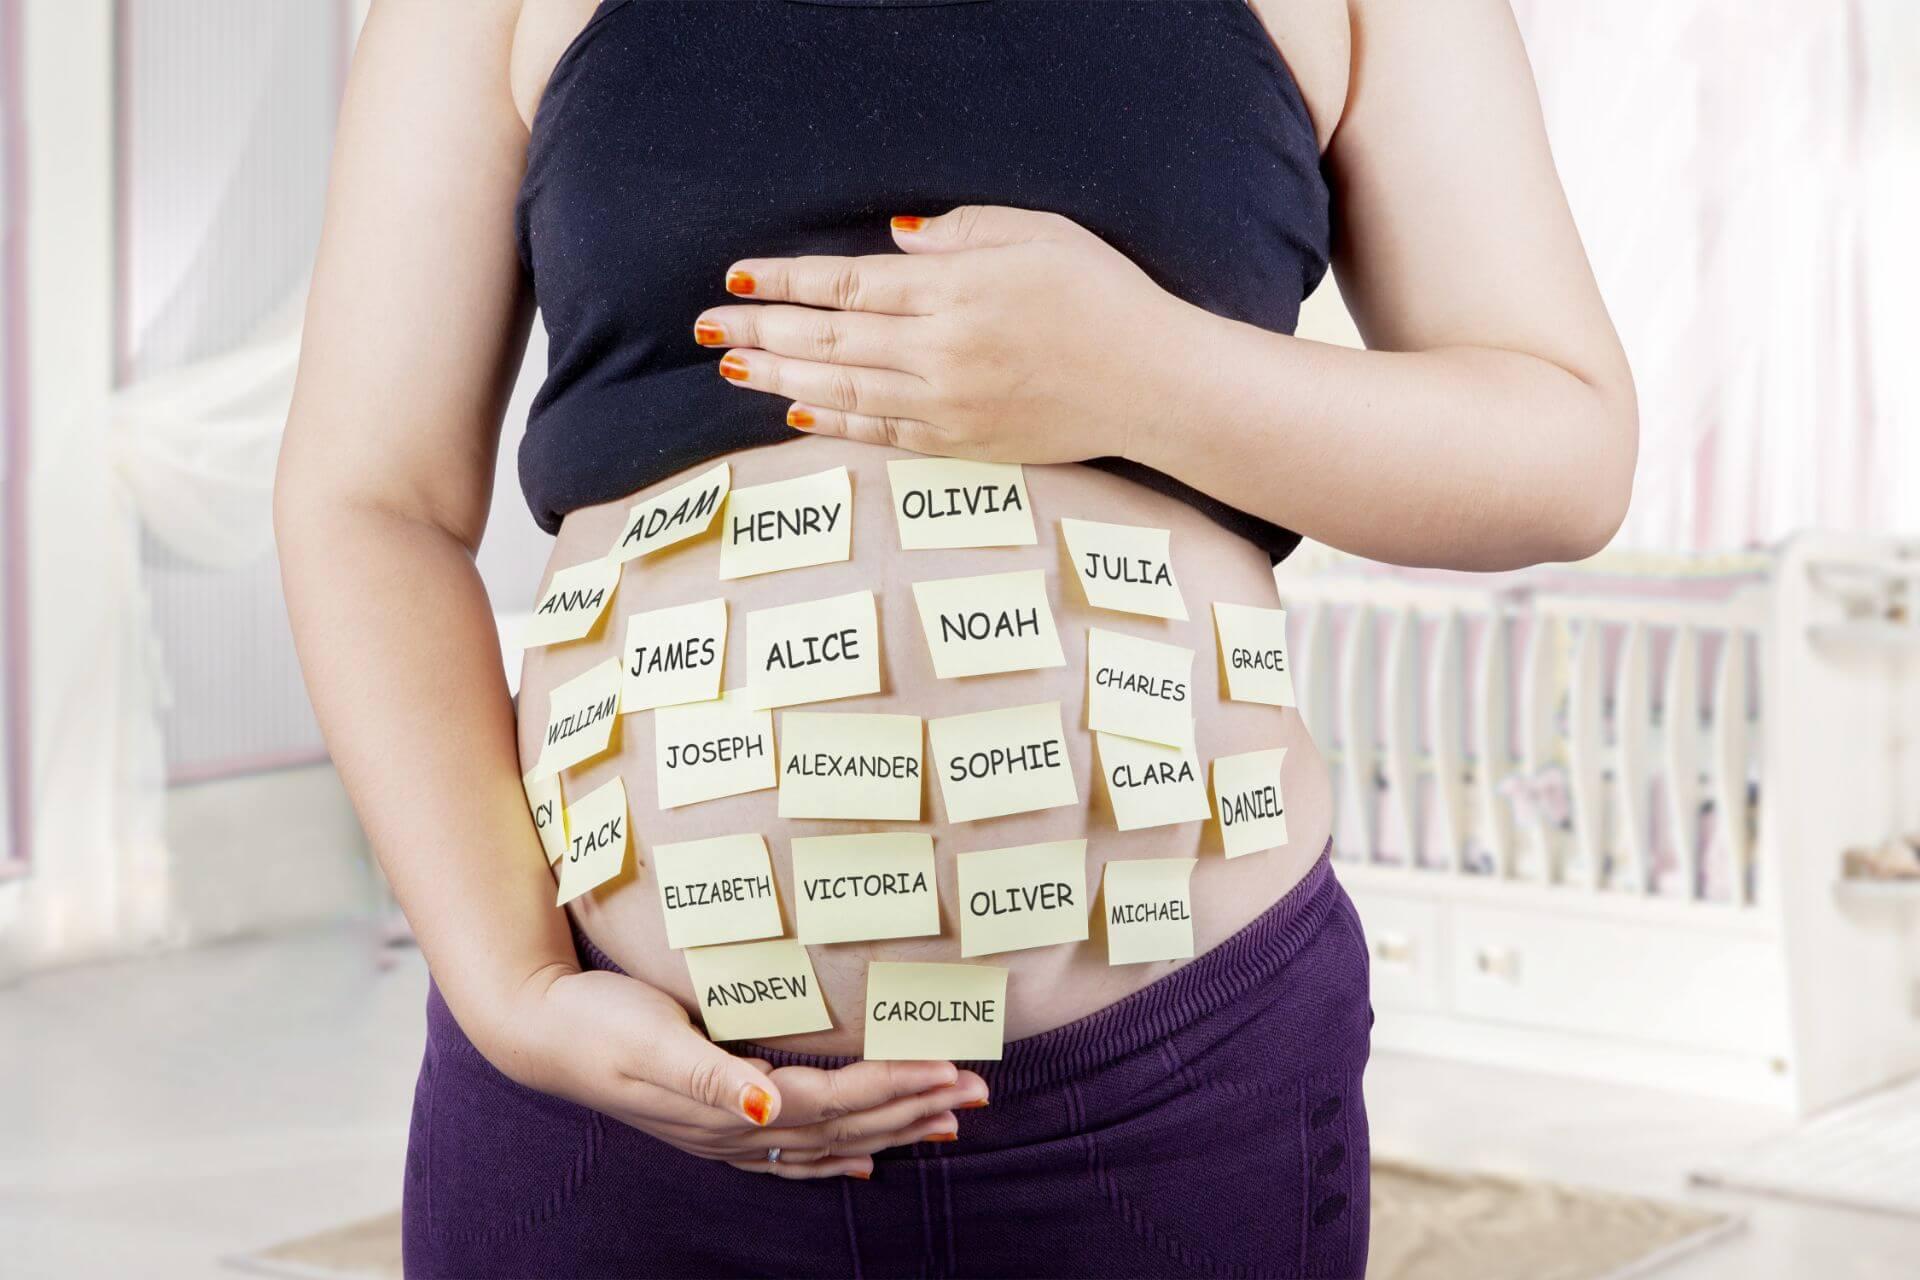 Mujer embarazada con nombres de bebé en su panza